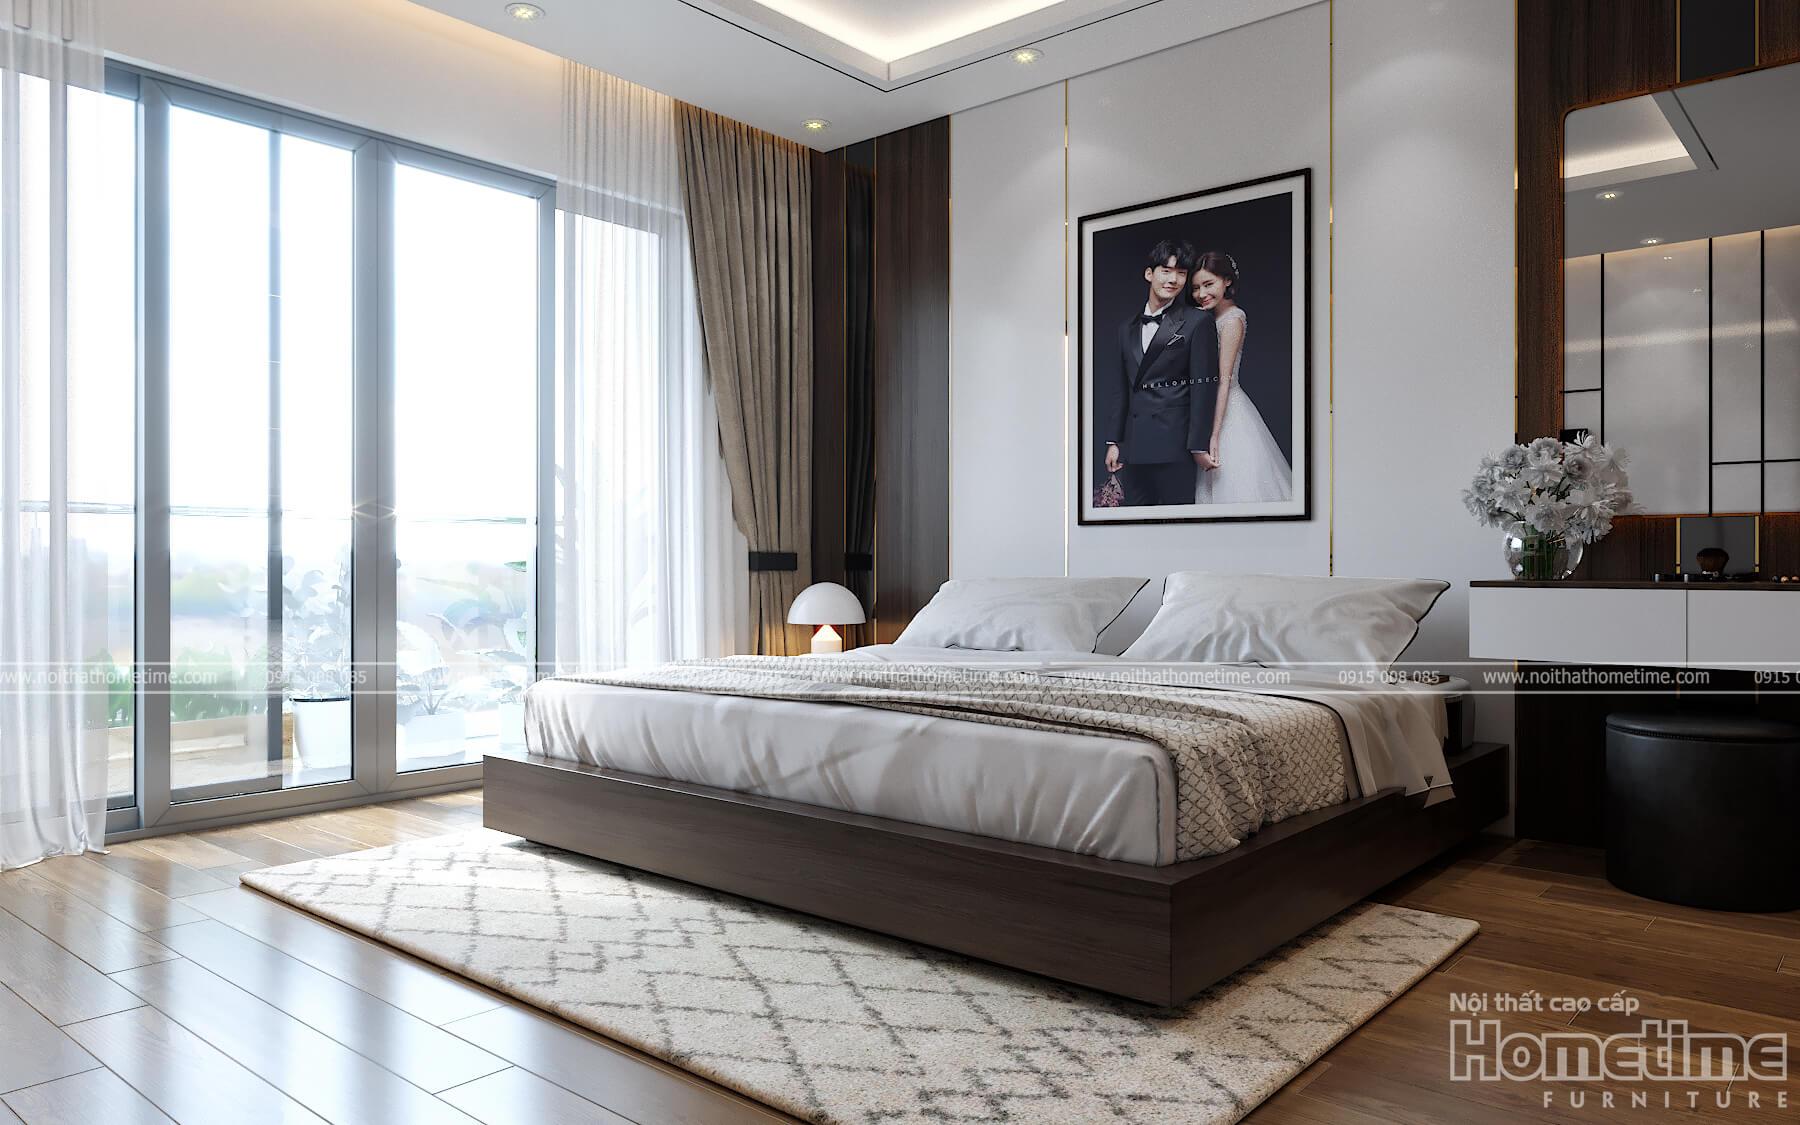 Một góc cảnh khách về toàn bộ chiếc giường ngủ cao cấp